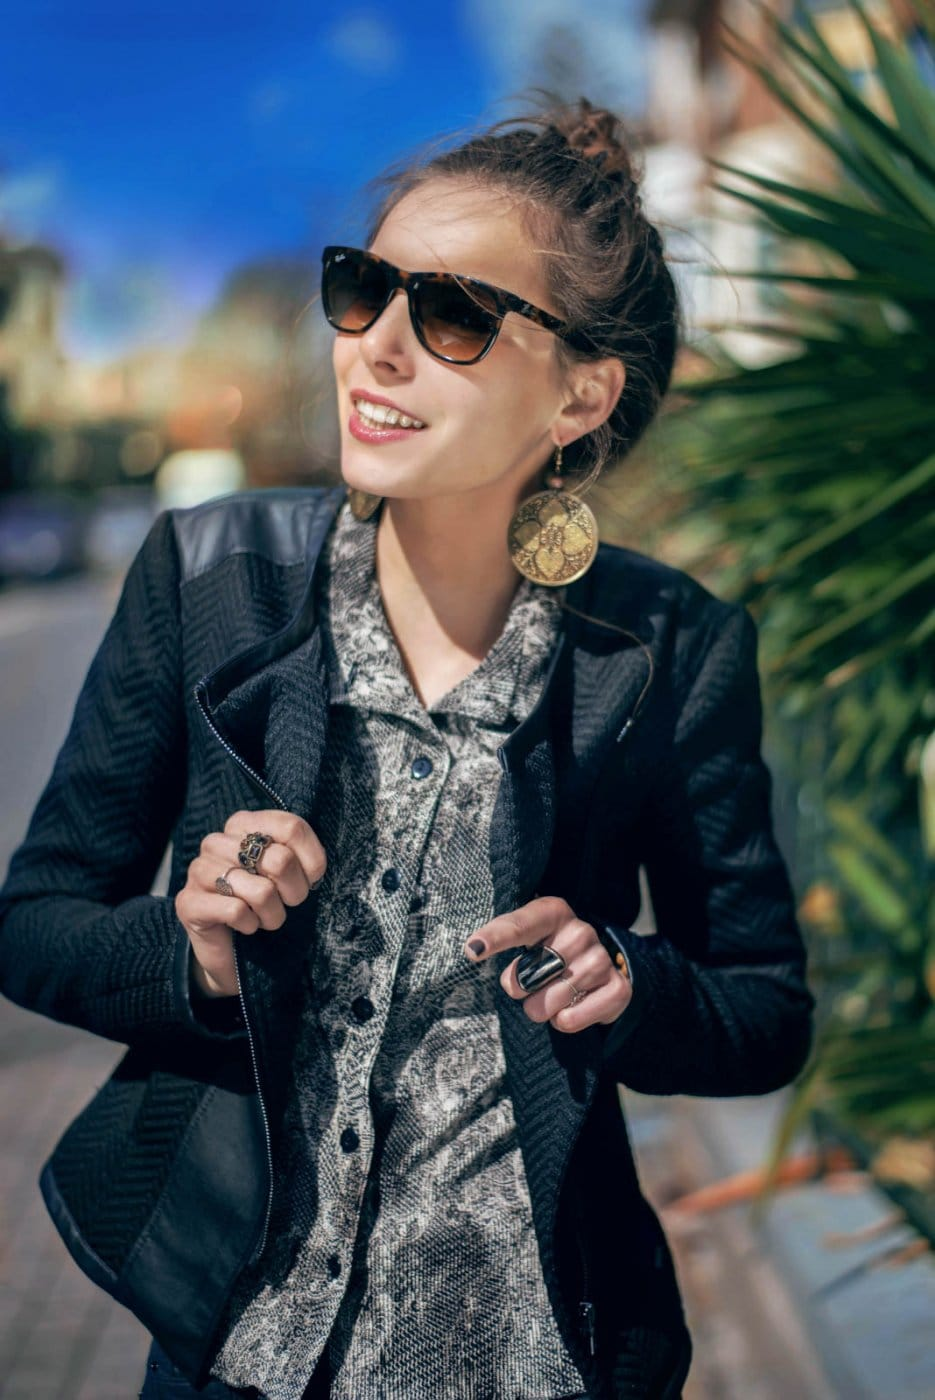 Fashion Portrait Photography By Anastasia Vervueren Sun